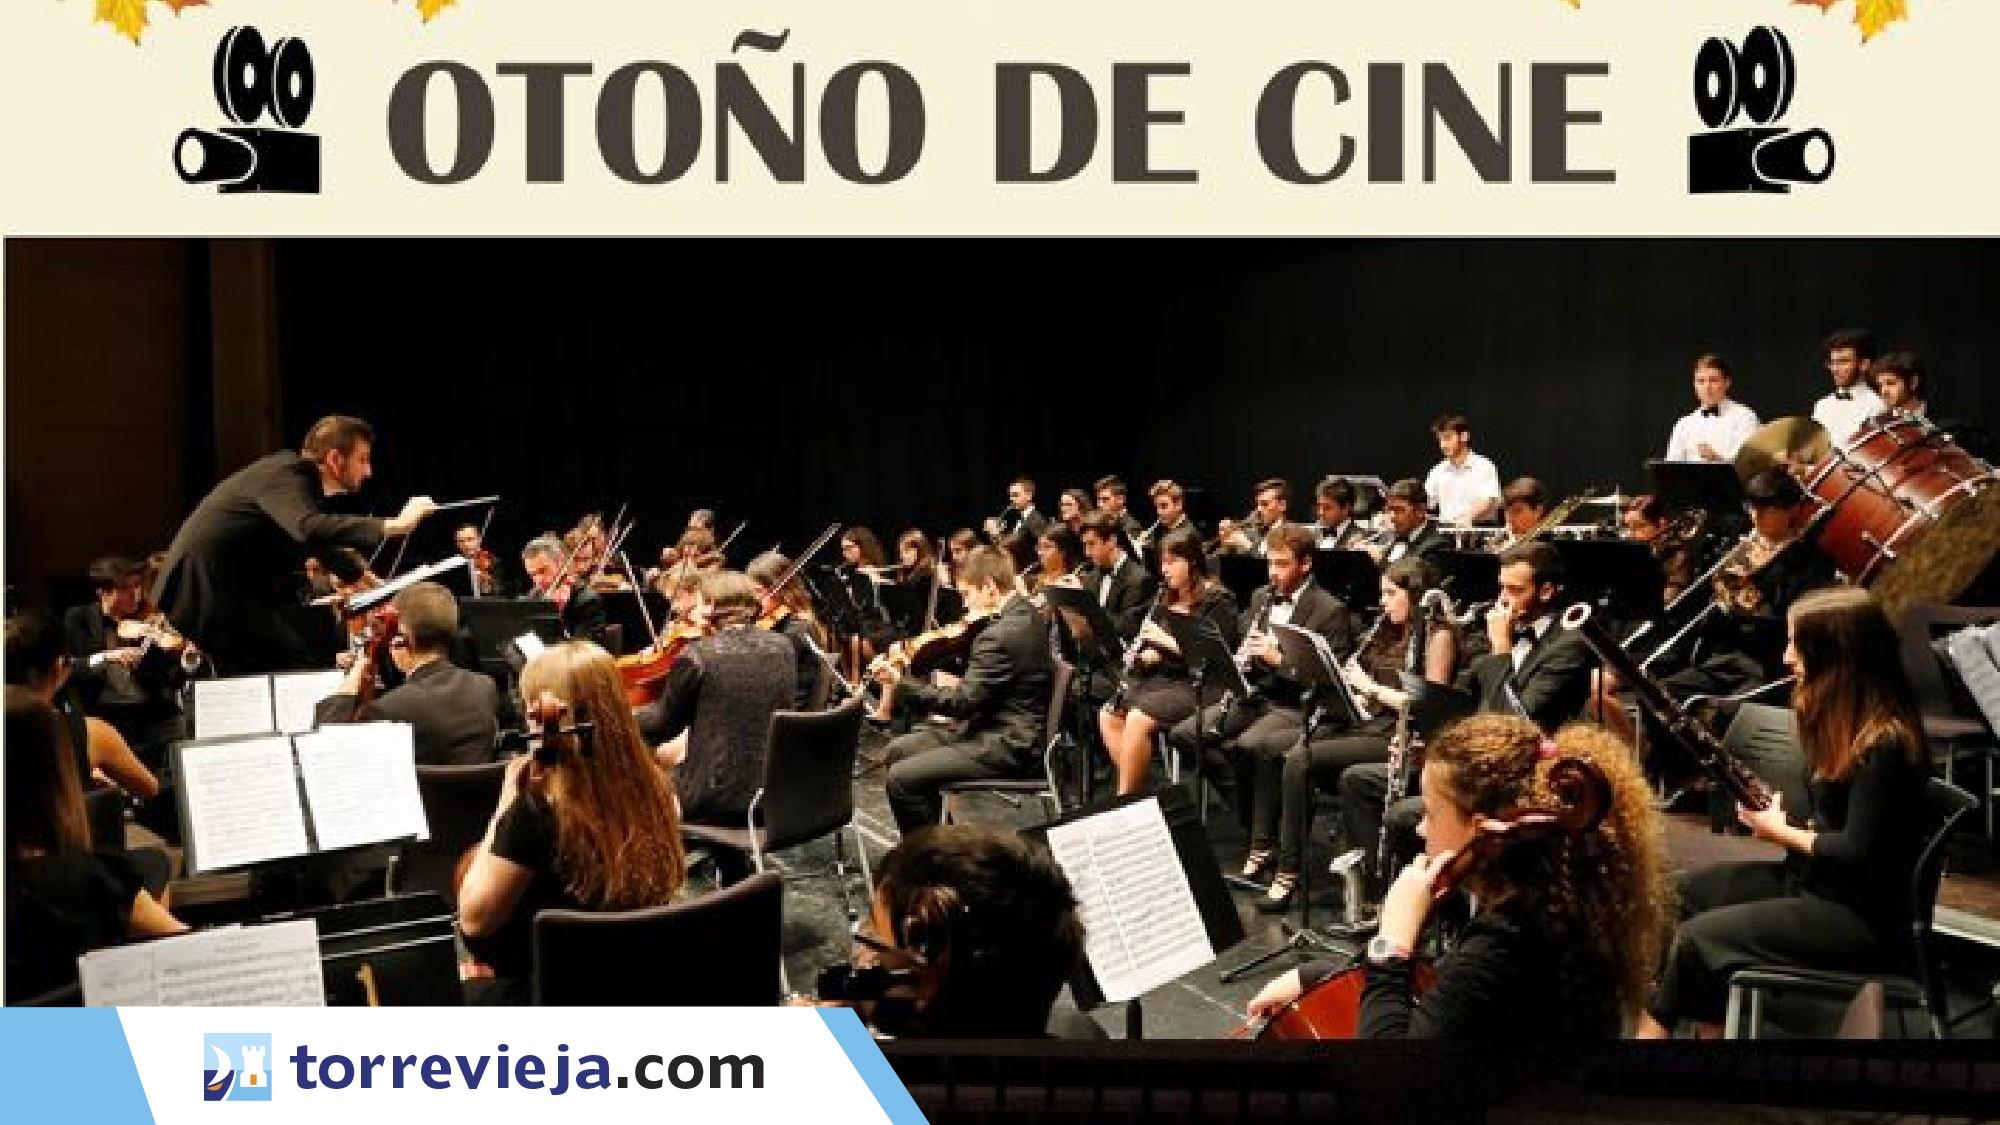 Concierto en Rojales de los grandes clásicos del cine a cargo de la Joven Orquesta Sinfónica de Torrevieja.